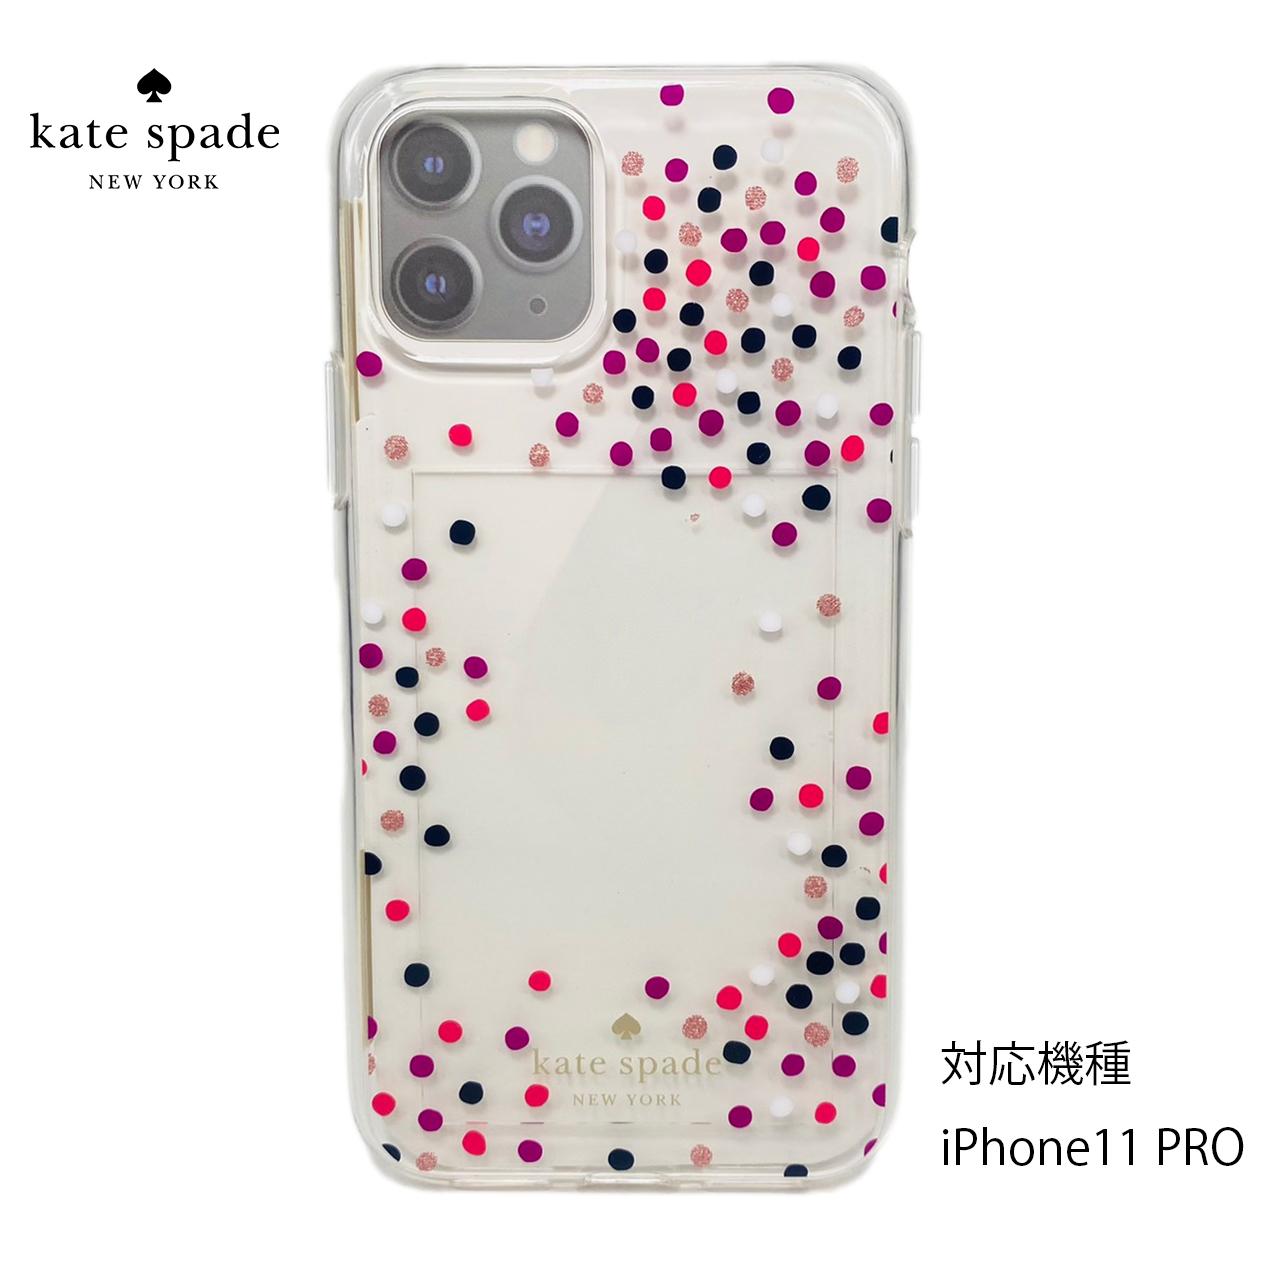 送料無料 ケイトスペード iPhone11PRO 中古 アイフォン11PRO アイフォンケース WIR00023 ふるさと割 kate 新品 iPhoneケース spade